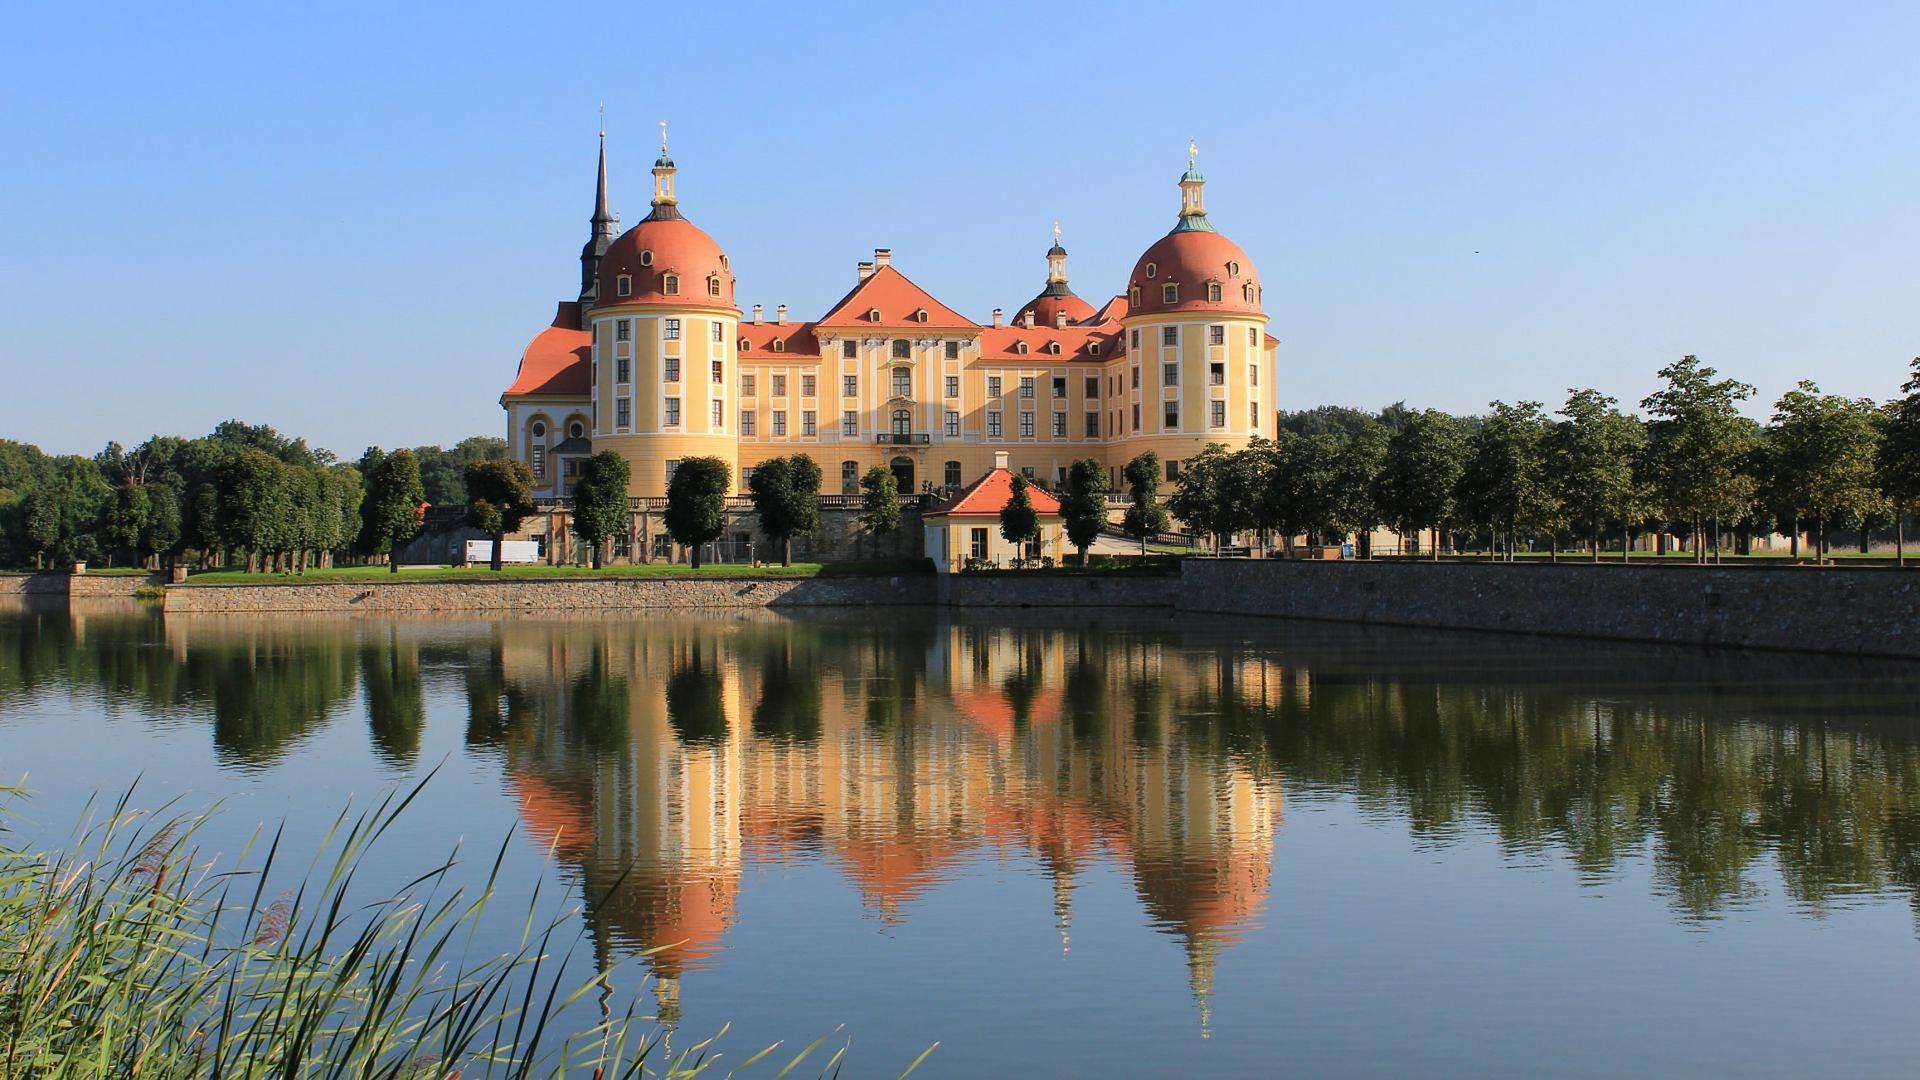 Wie wäre es mit einem Romantikwochenende auf einer Burg?